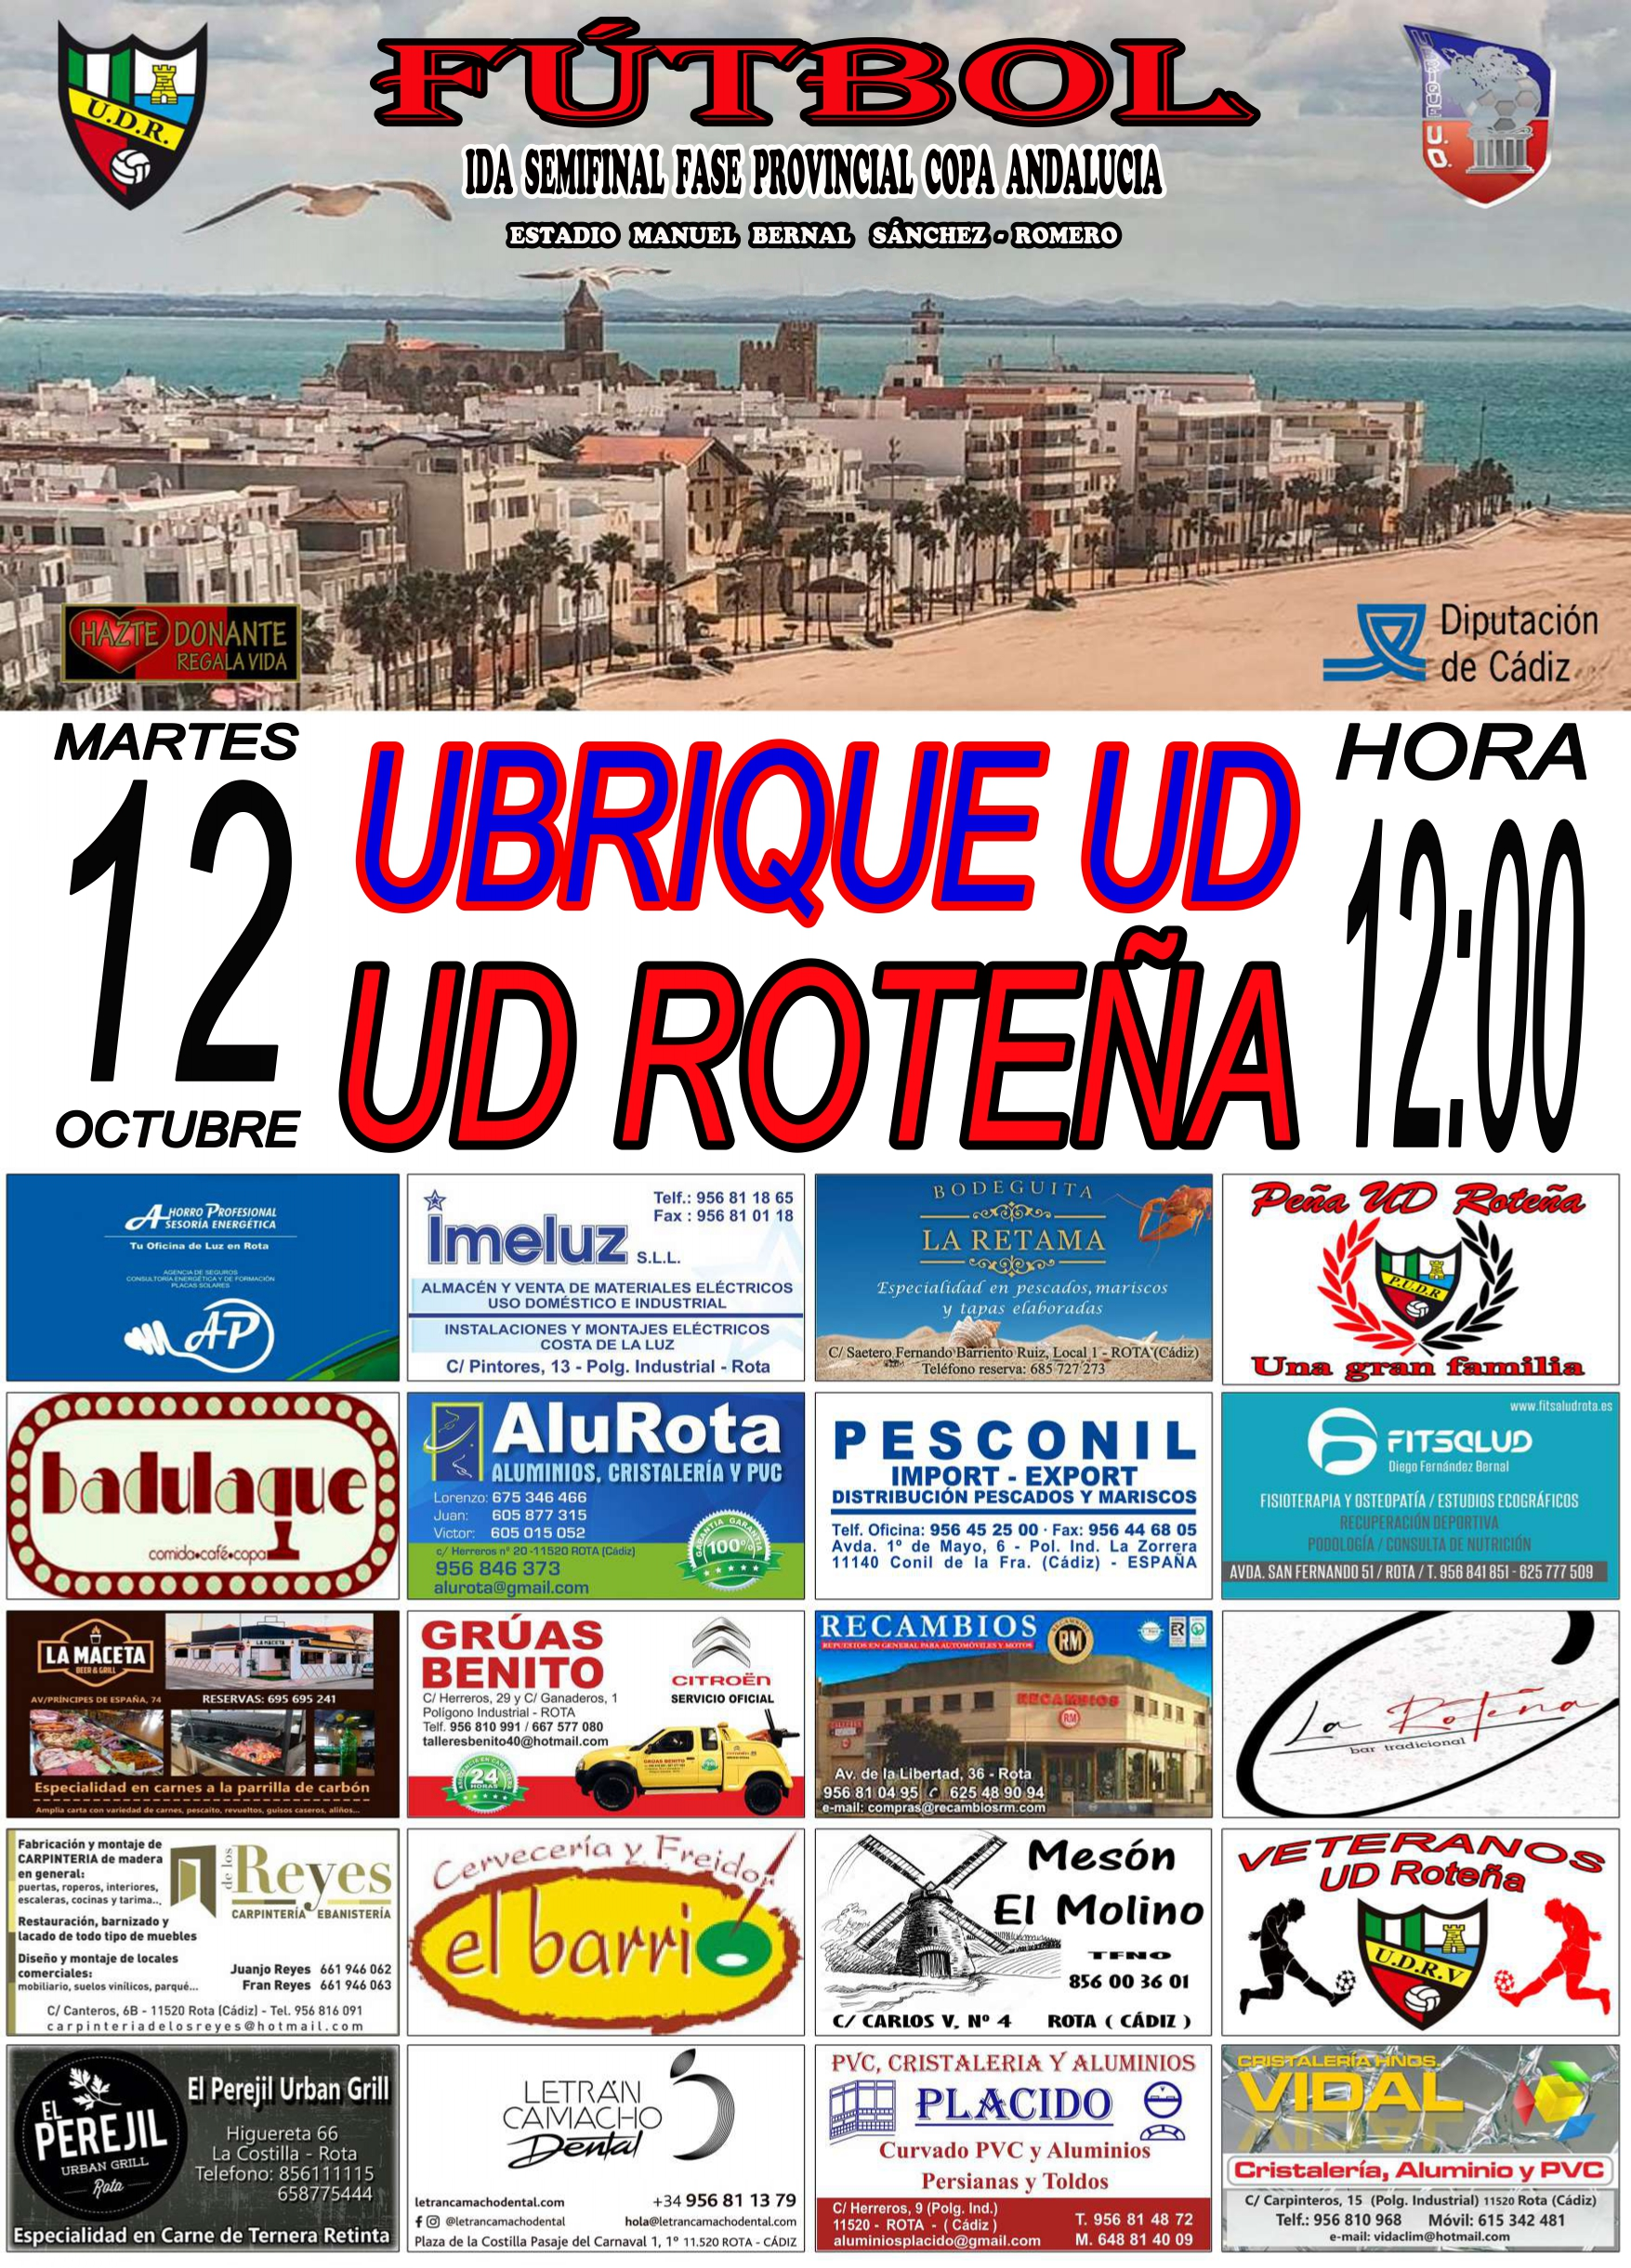 UD Roteña - Ubrique UD, ida semifinales Copa Andalucía (fase provincial)